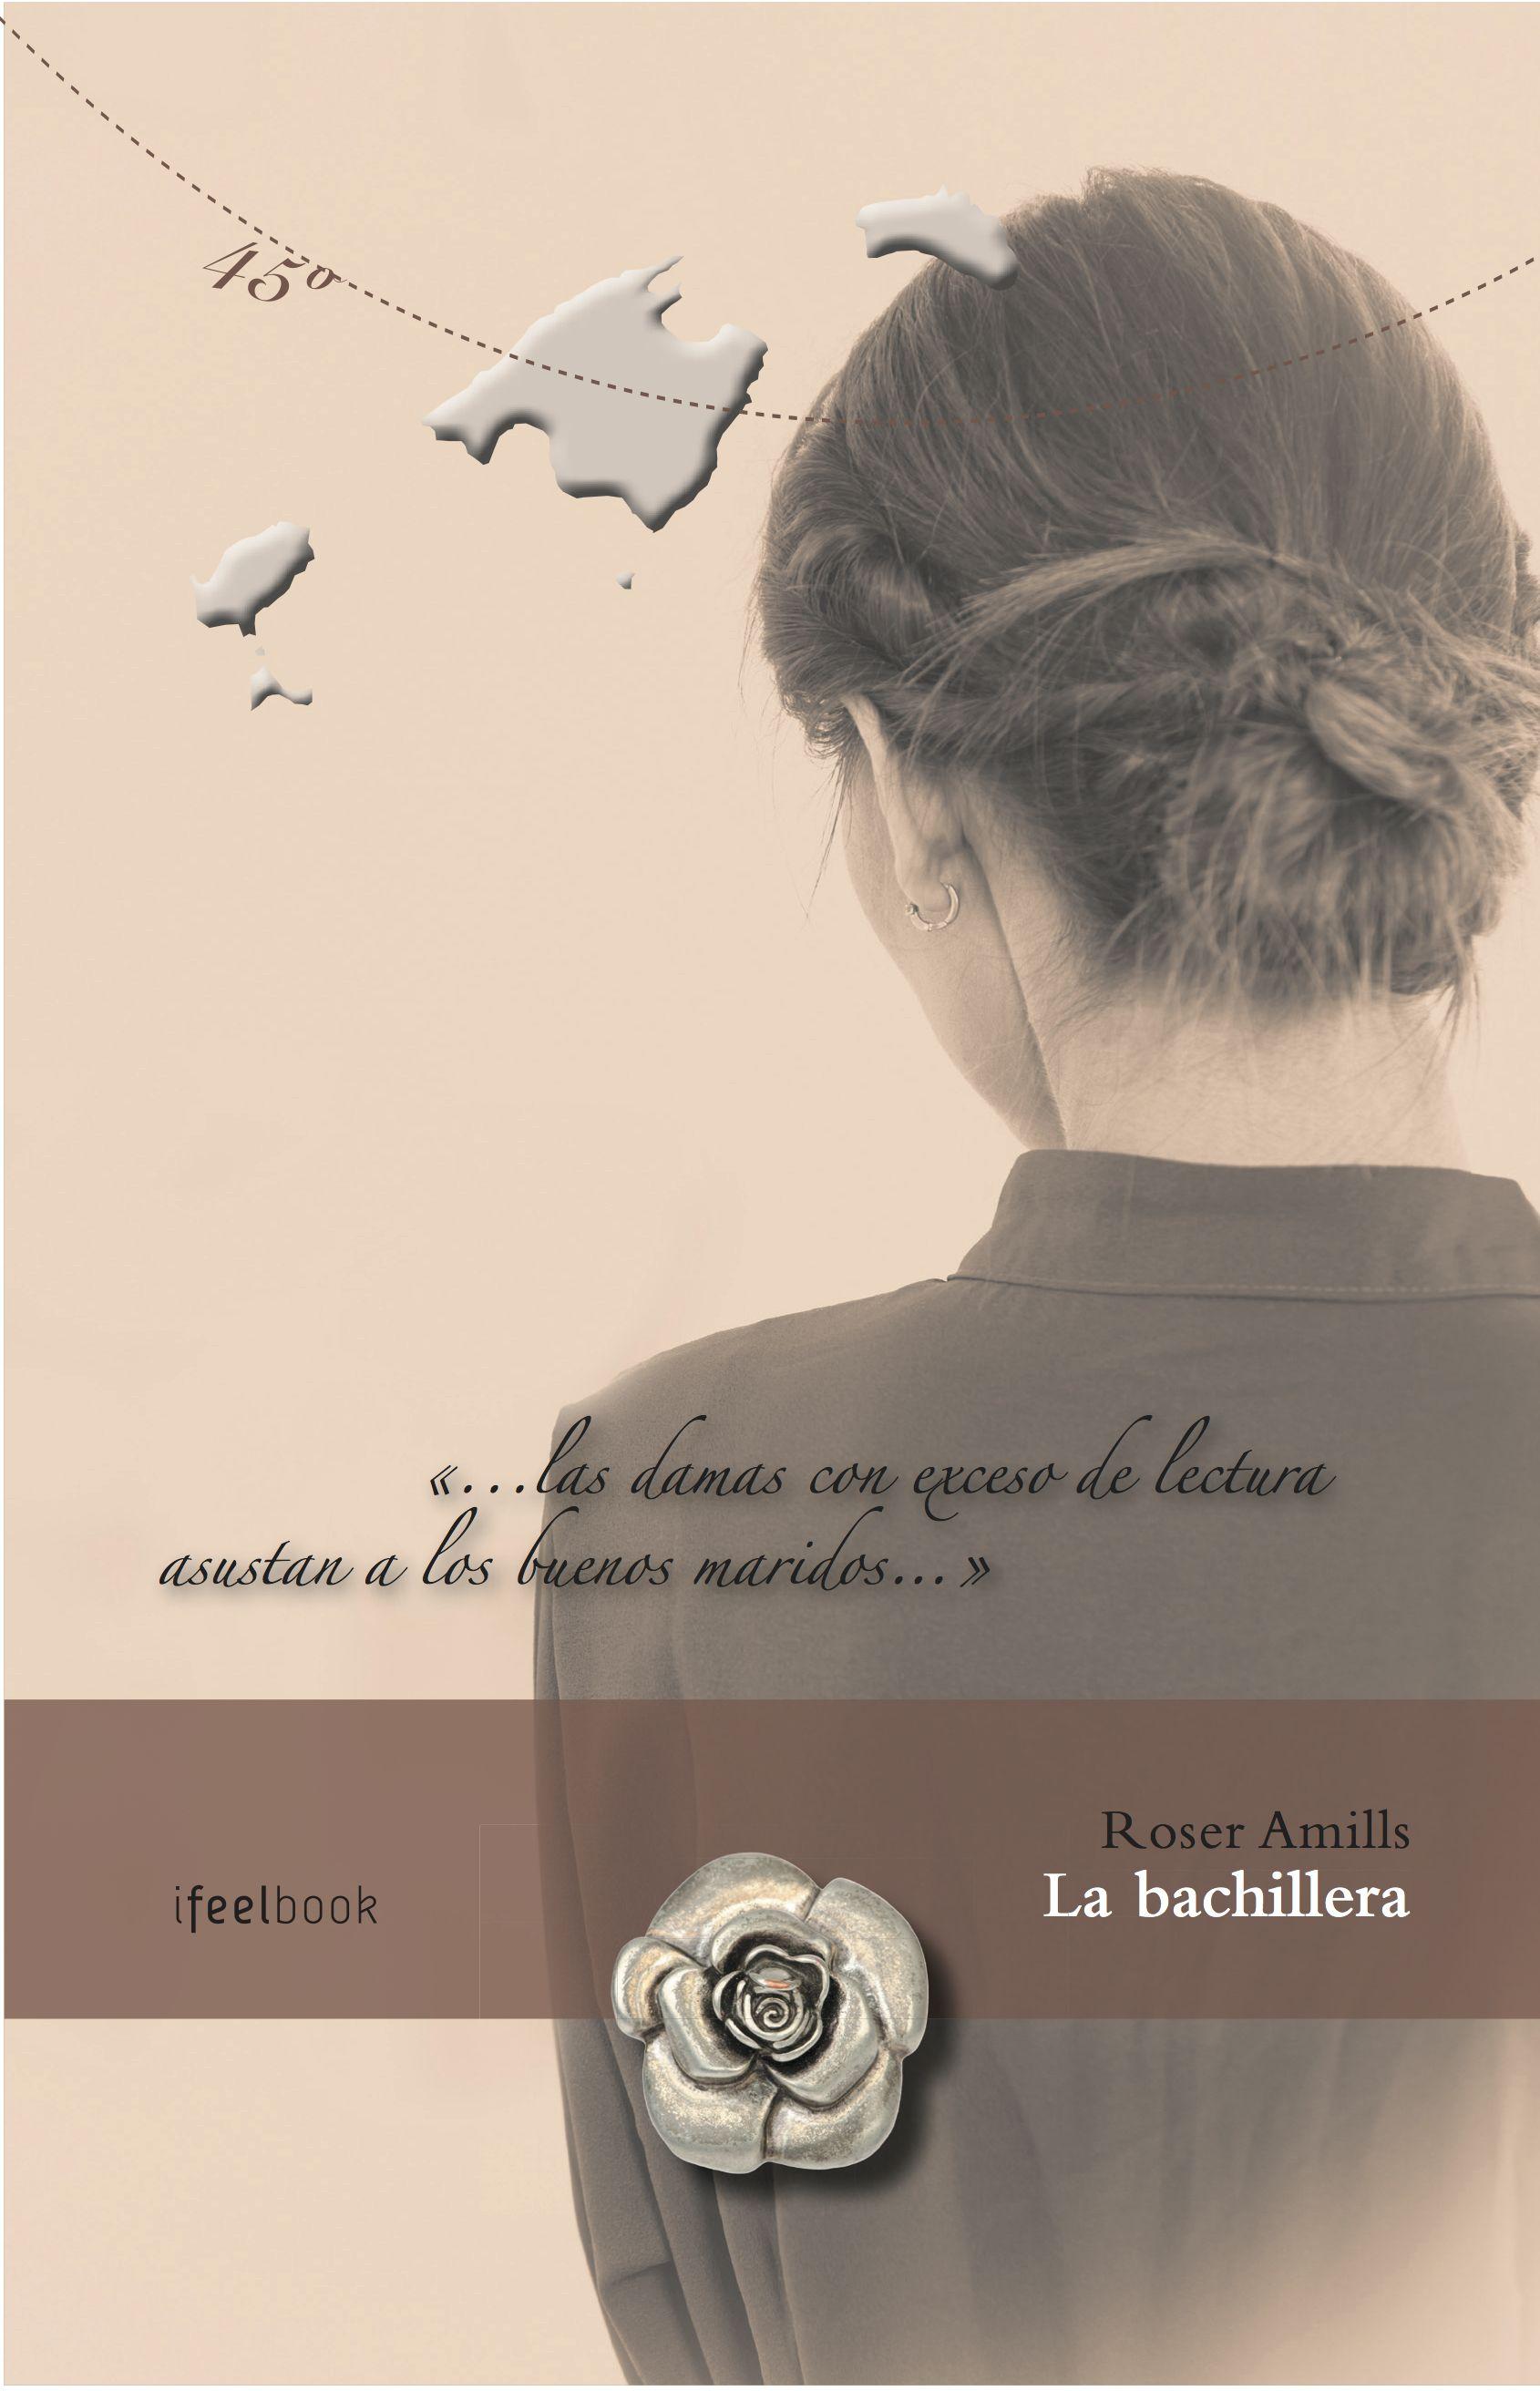 La bachillera en la Librería Cómplices C/ Cervantes, 4 08002. Barcelona (España) Teléfono: (+34) 93 412 7283 Email: complices@libreriacomplices.com